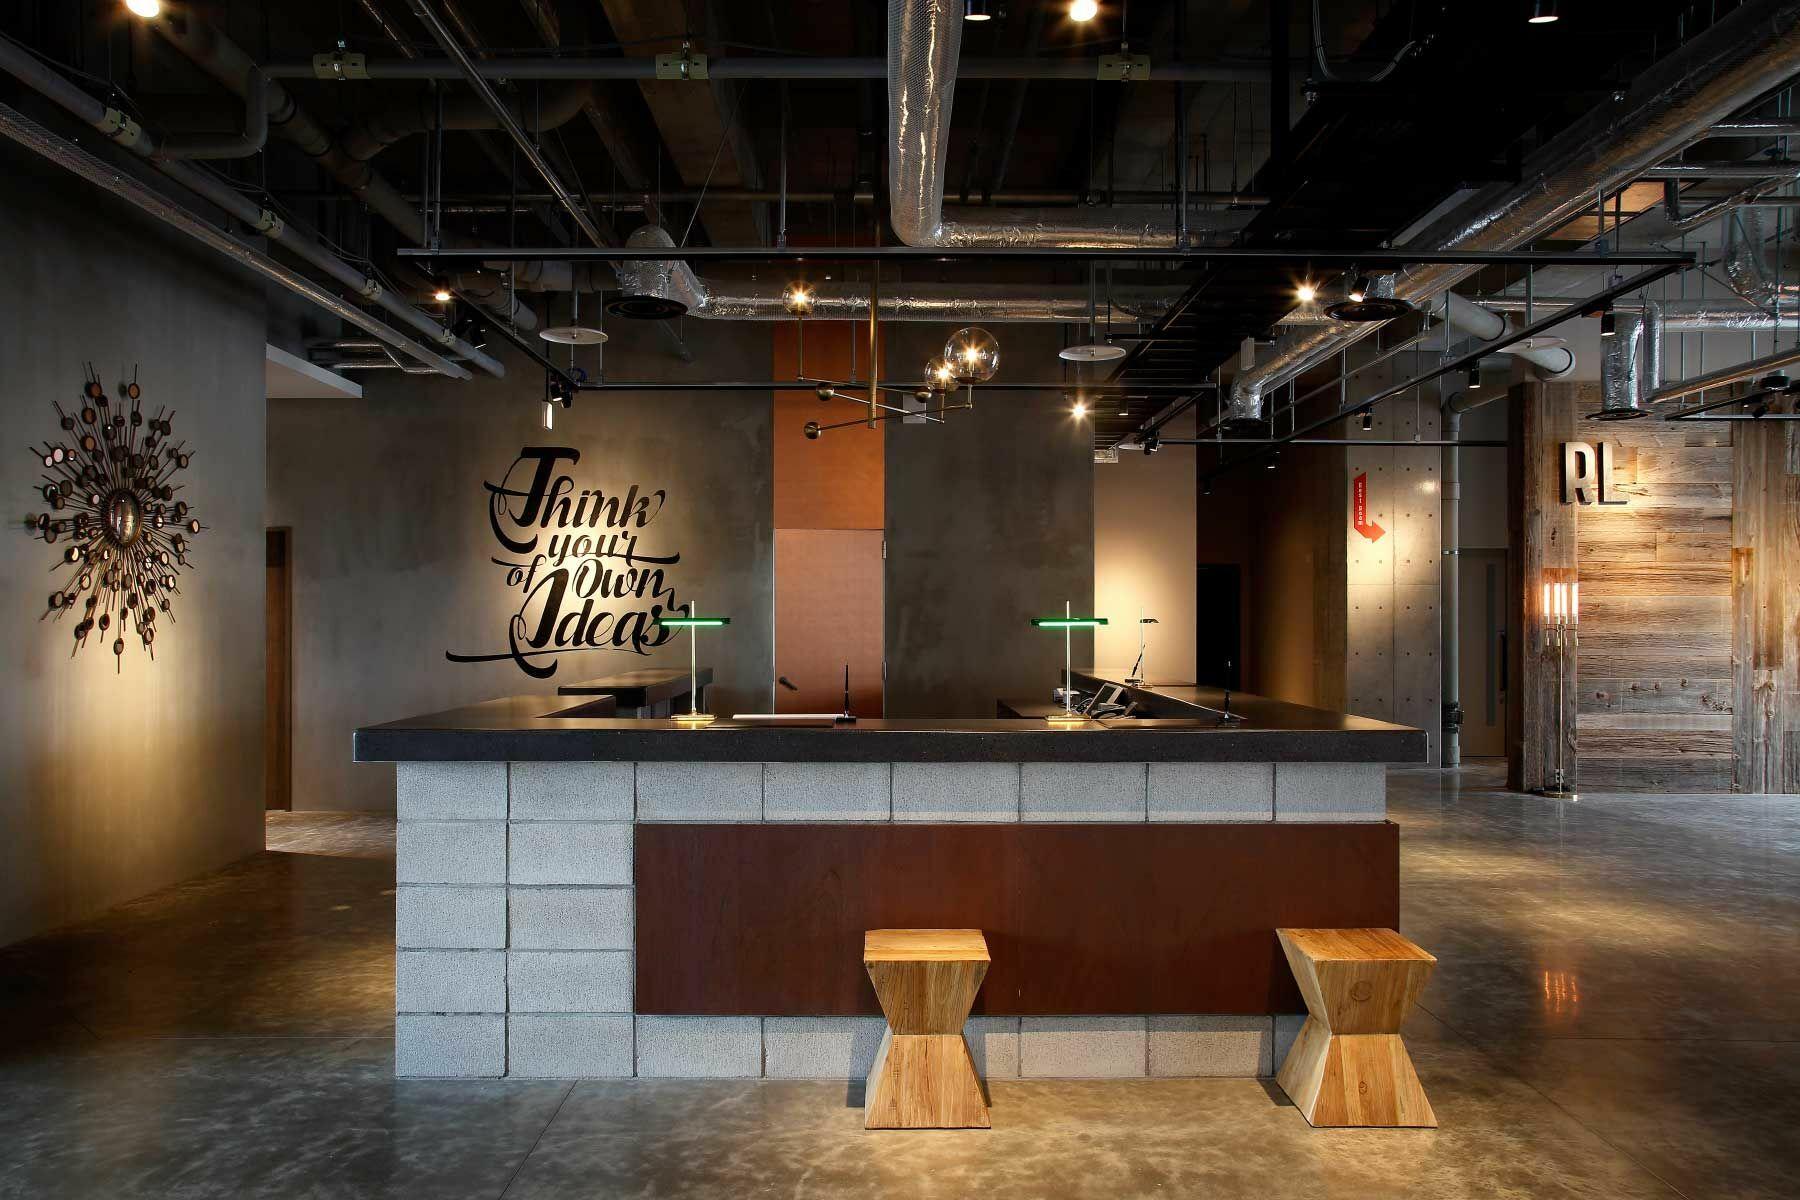 川崎キングスカイフロント東急REIホテル(トウキュウレイホテル)1Fエレベーターホール